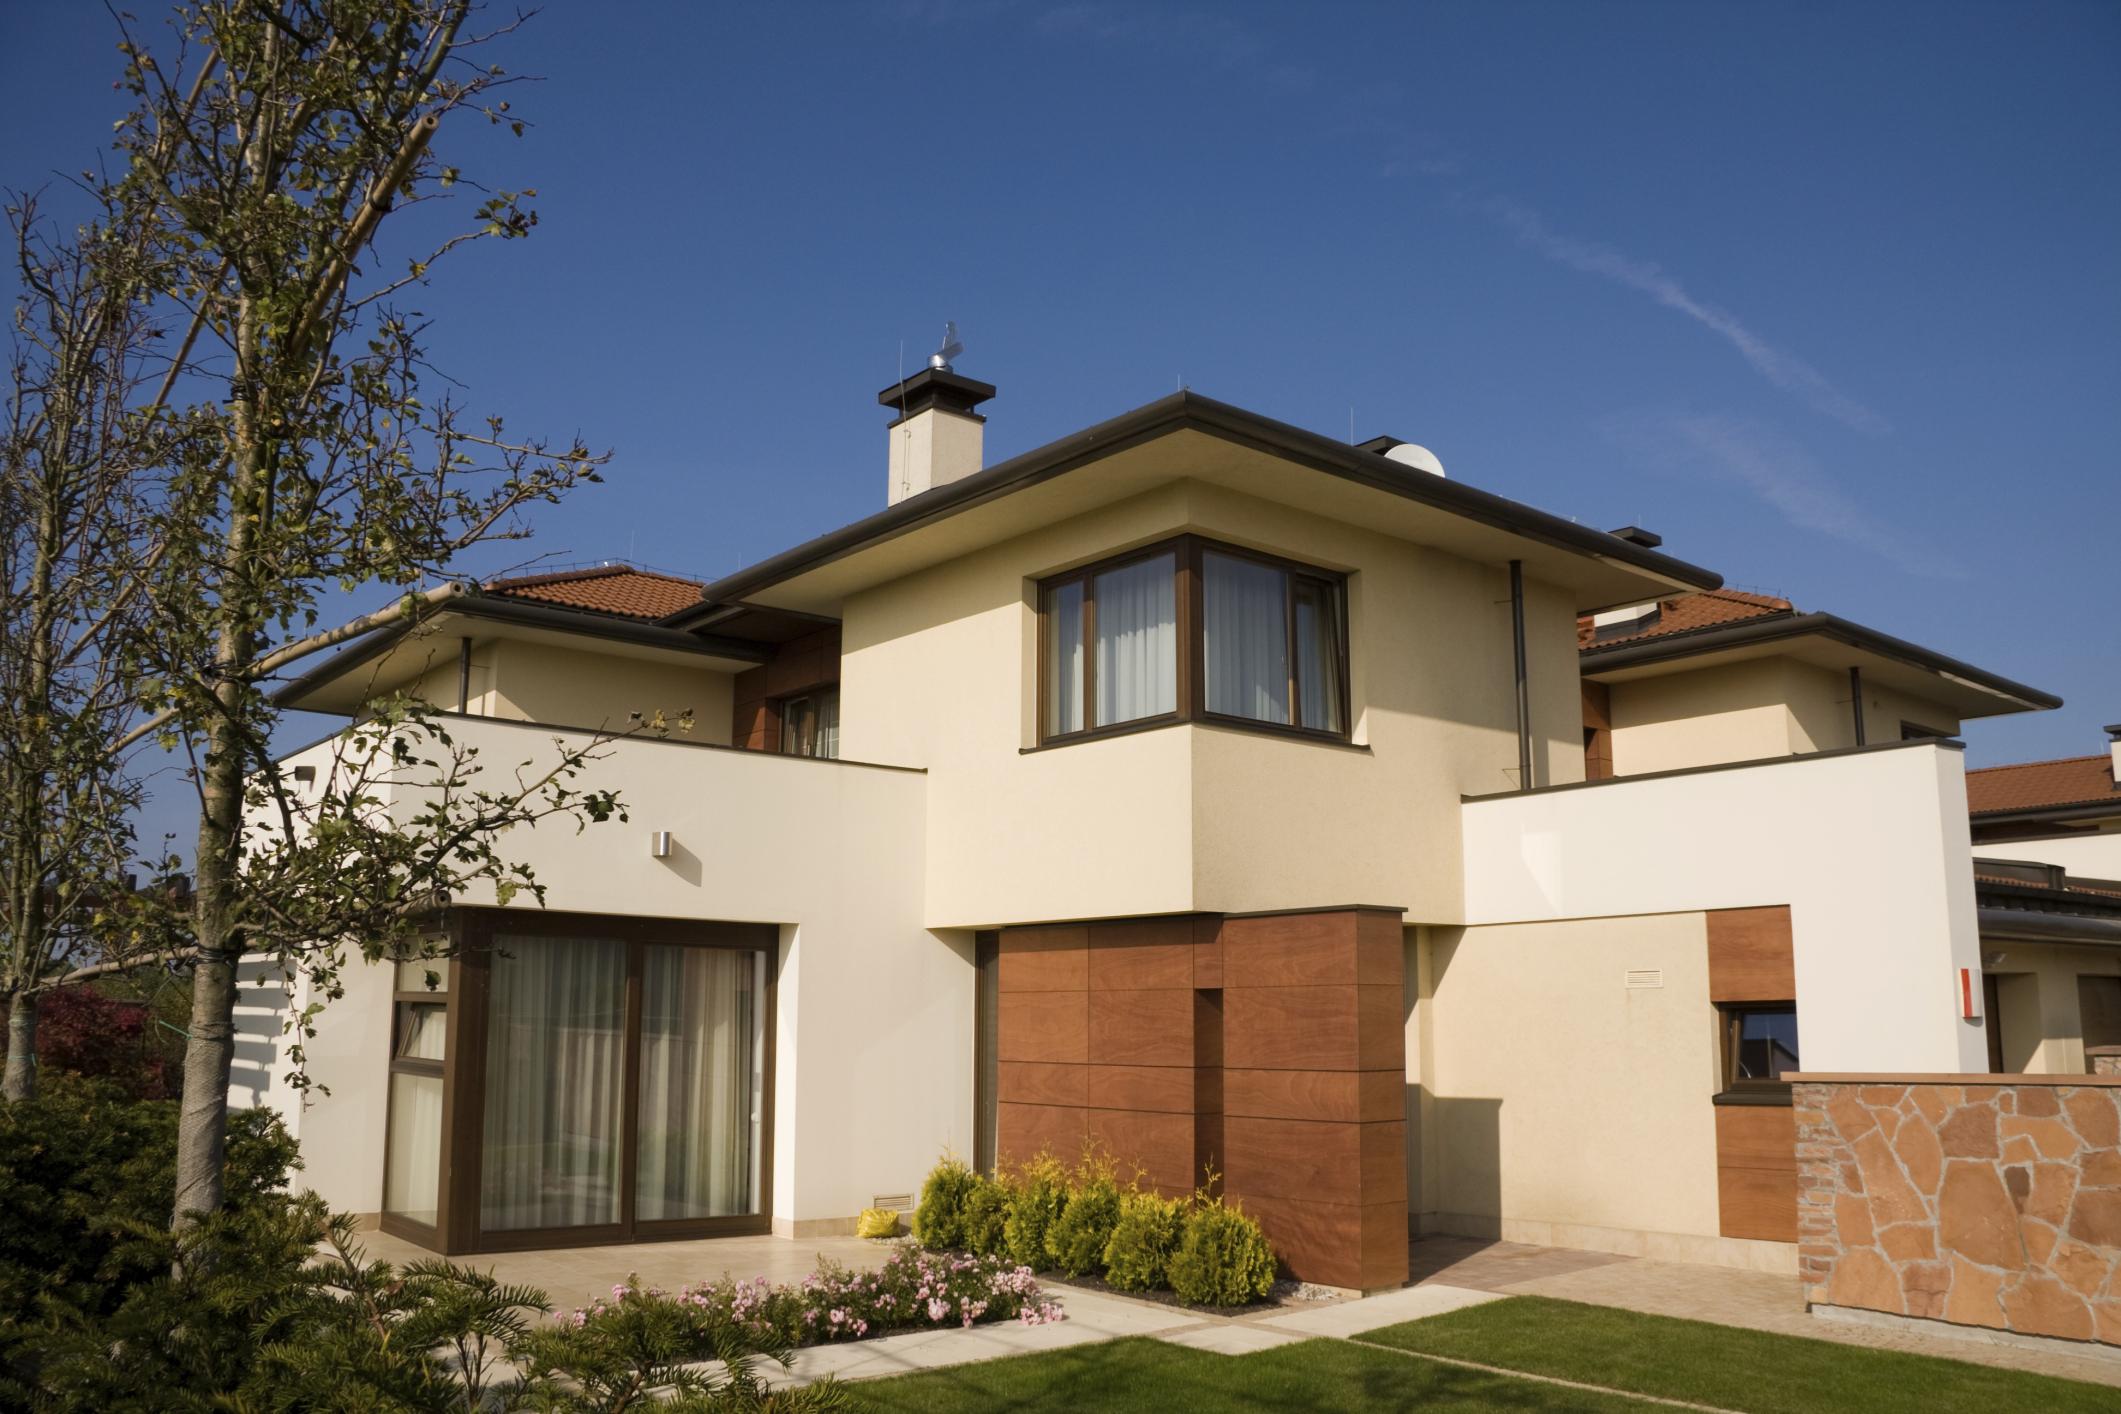 Modelos de casas arquitectura de casas holidays oo for Fachadas para casas